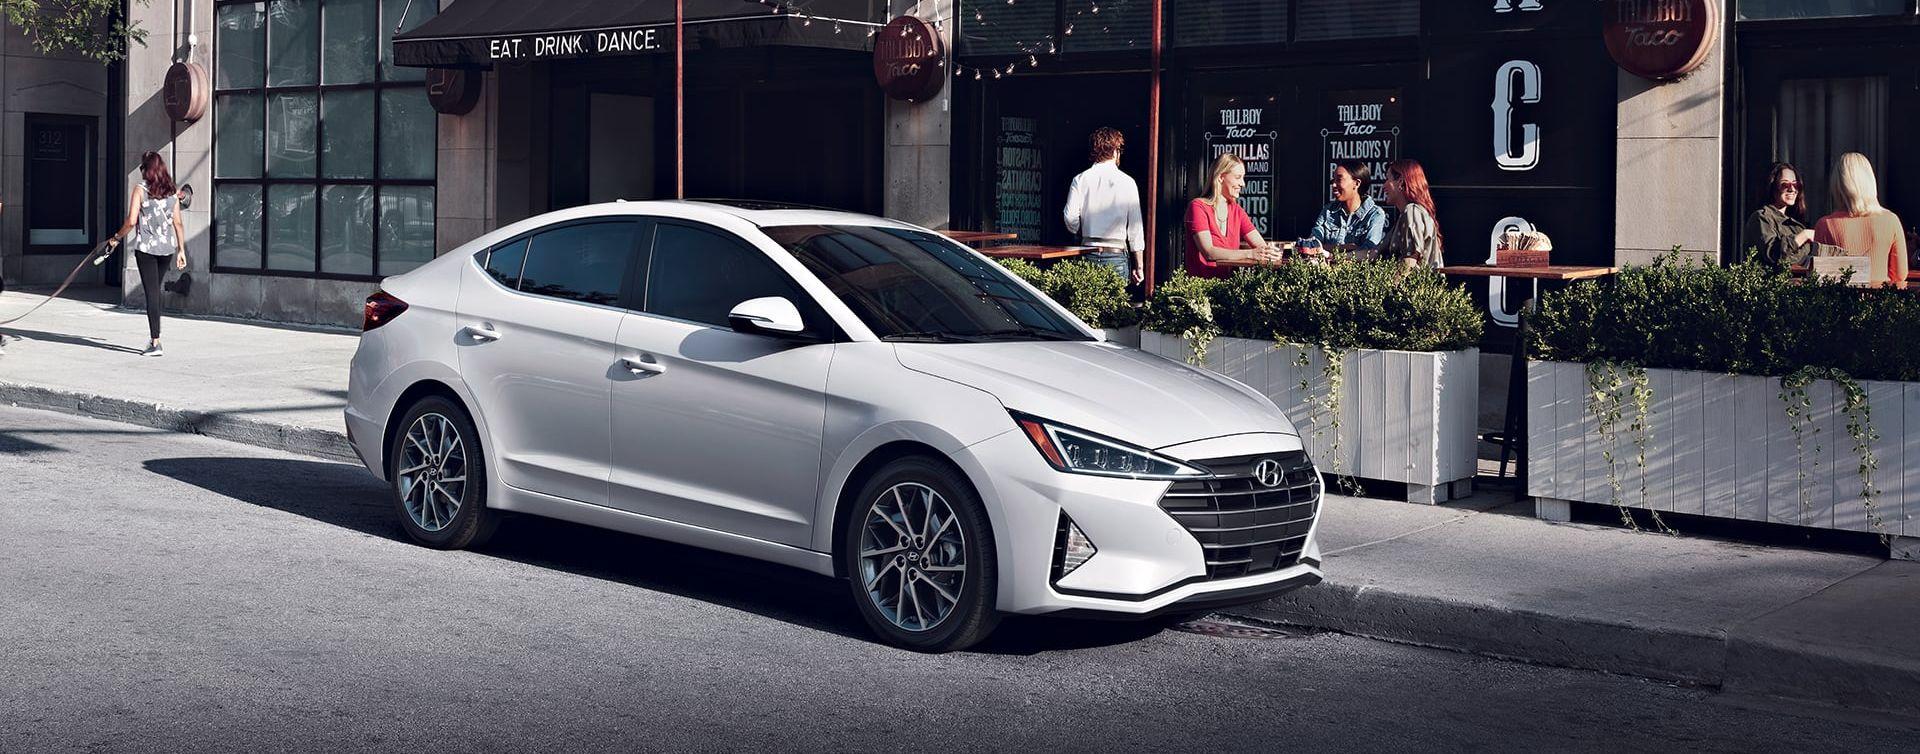 2020 Hyundai Elantra Leasing near Bowie, MD